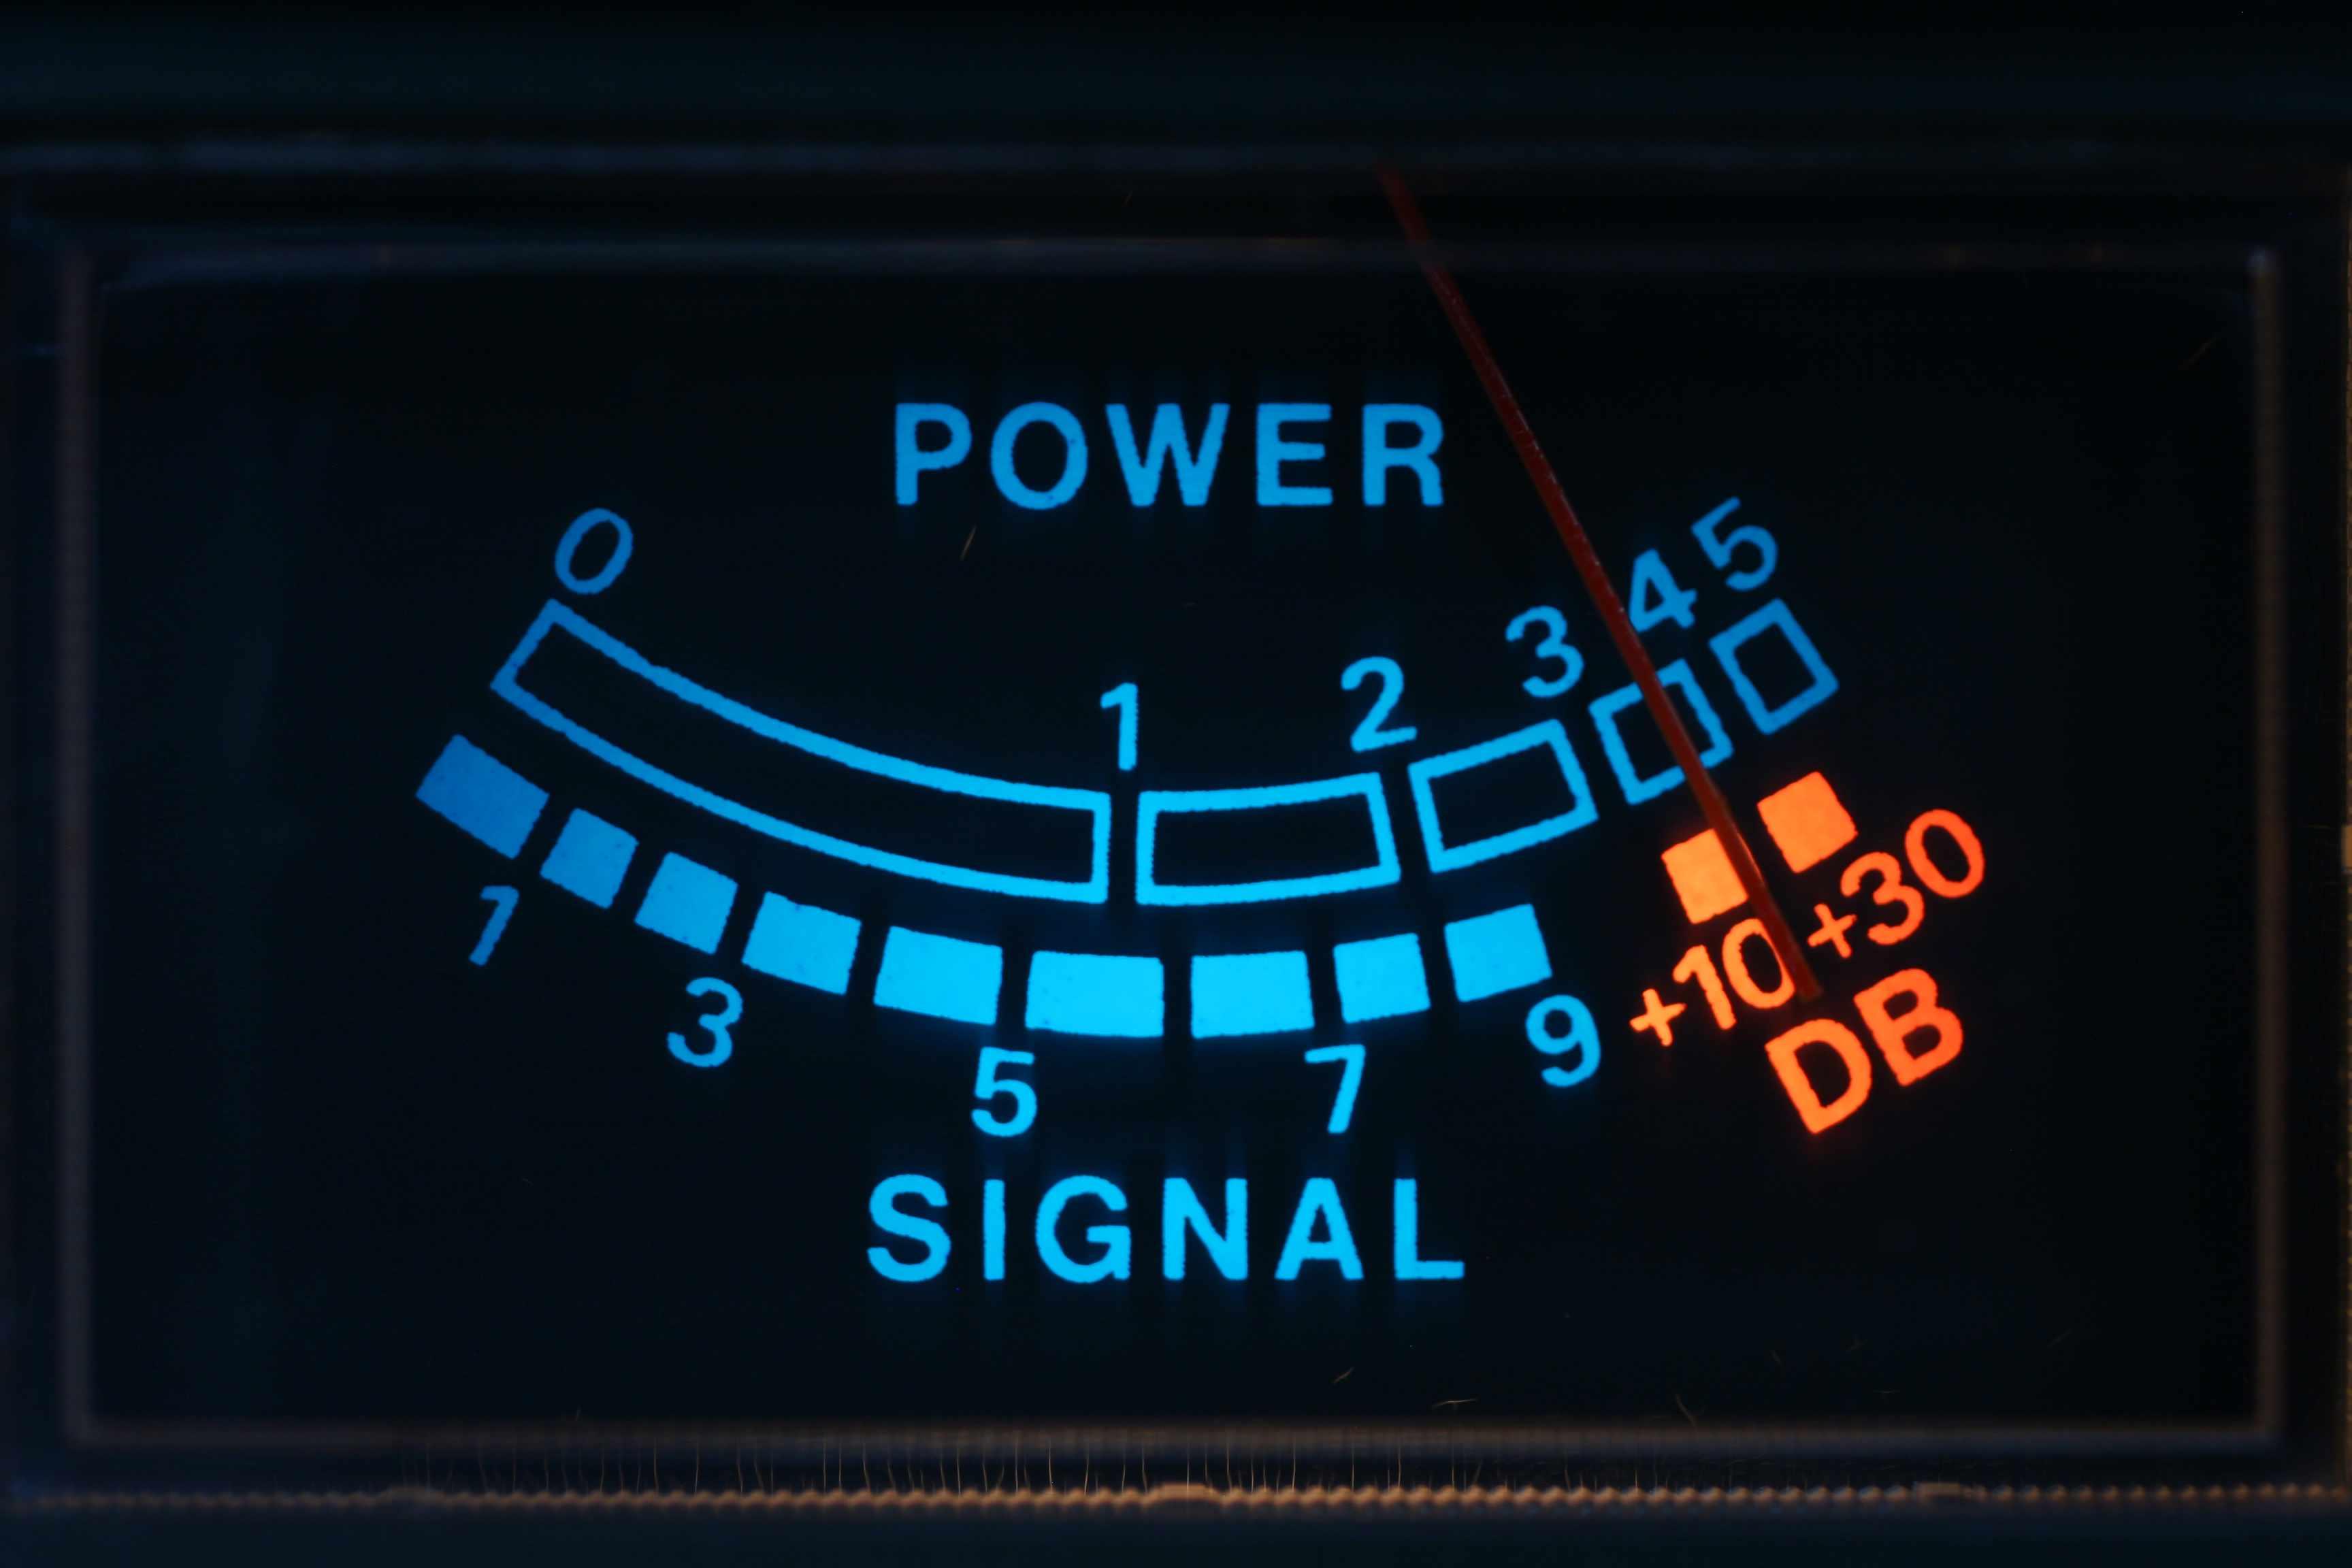 Power signal meter at +10 DB